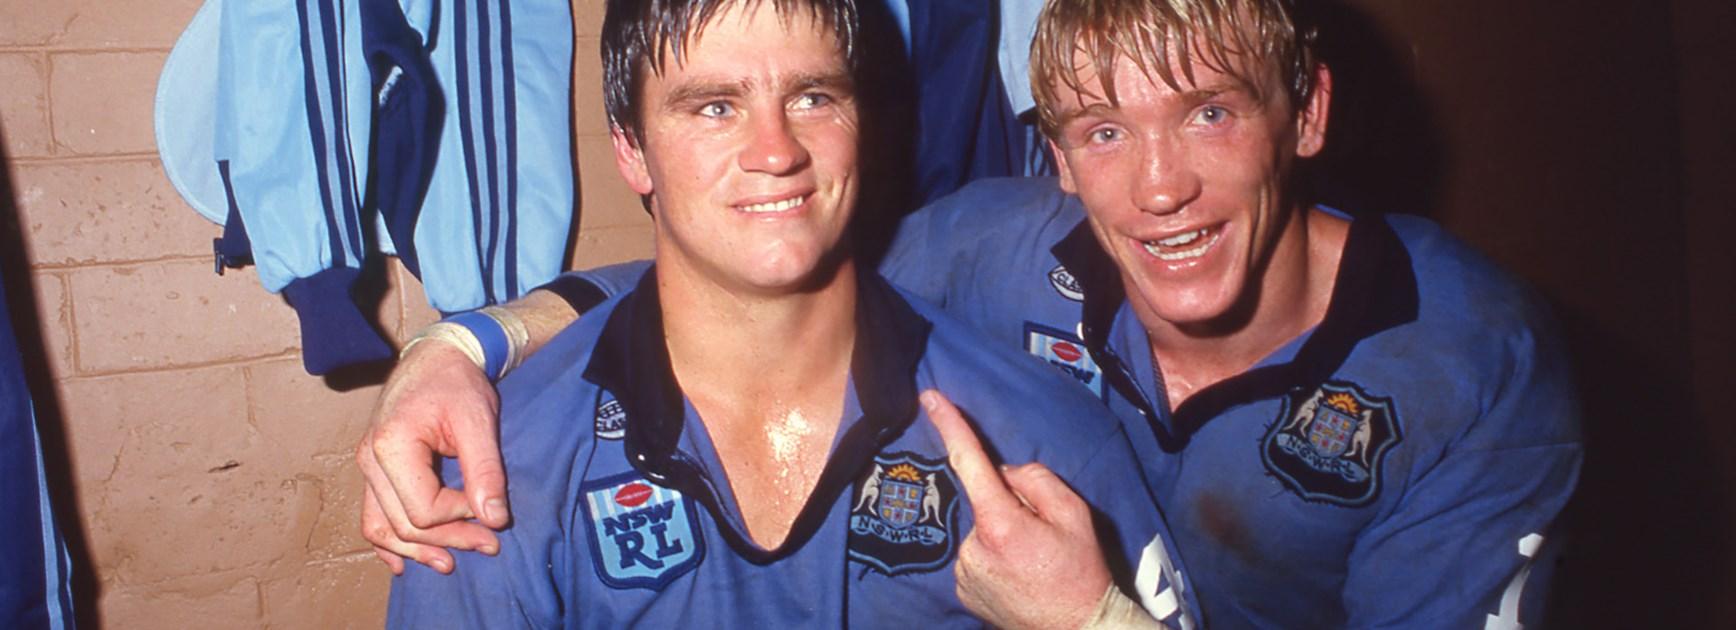 Chris Mortimer and Garry Jack.